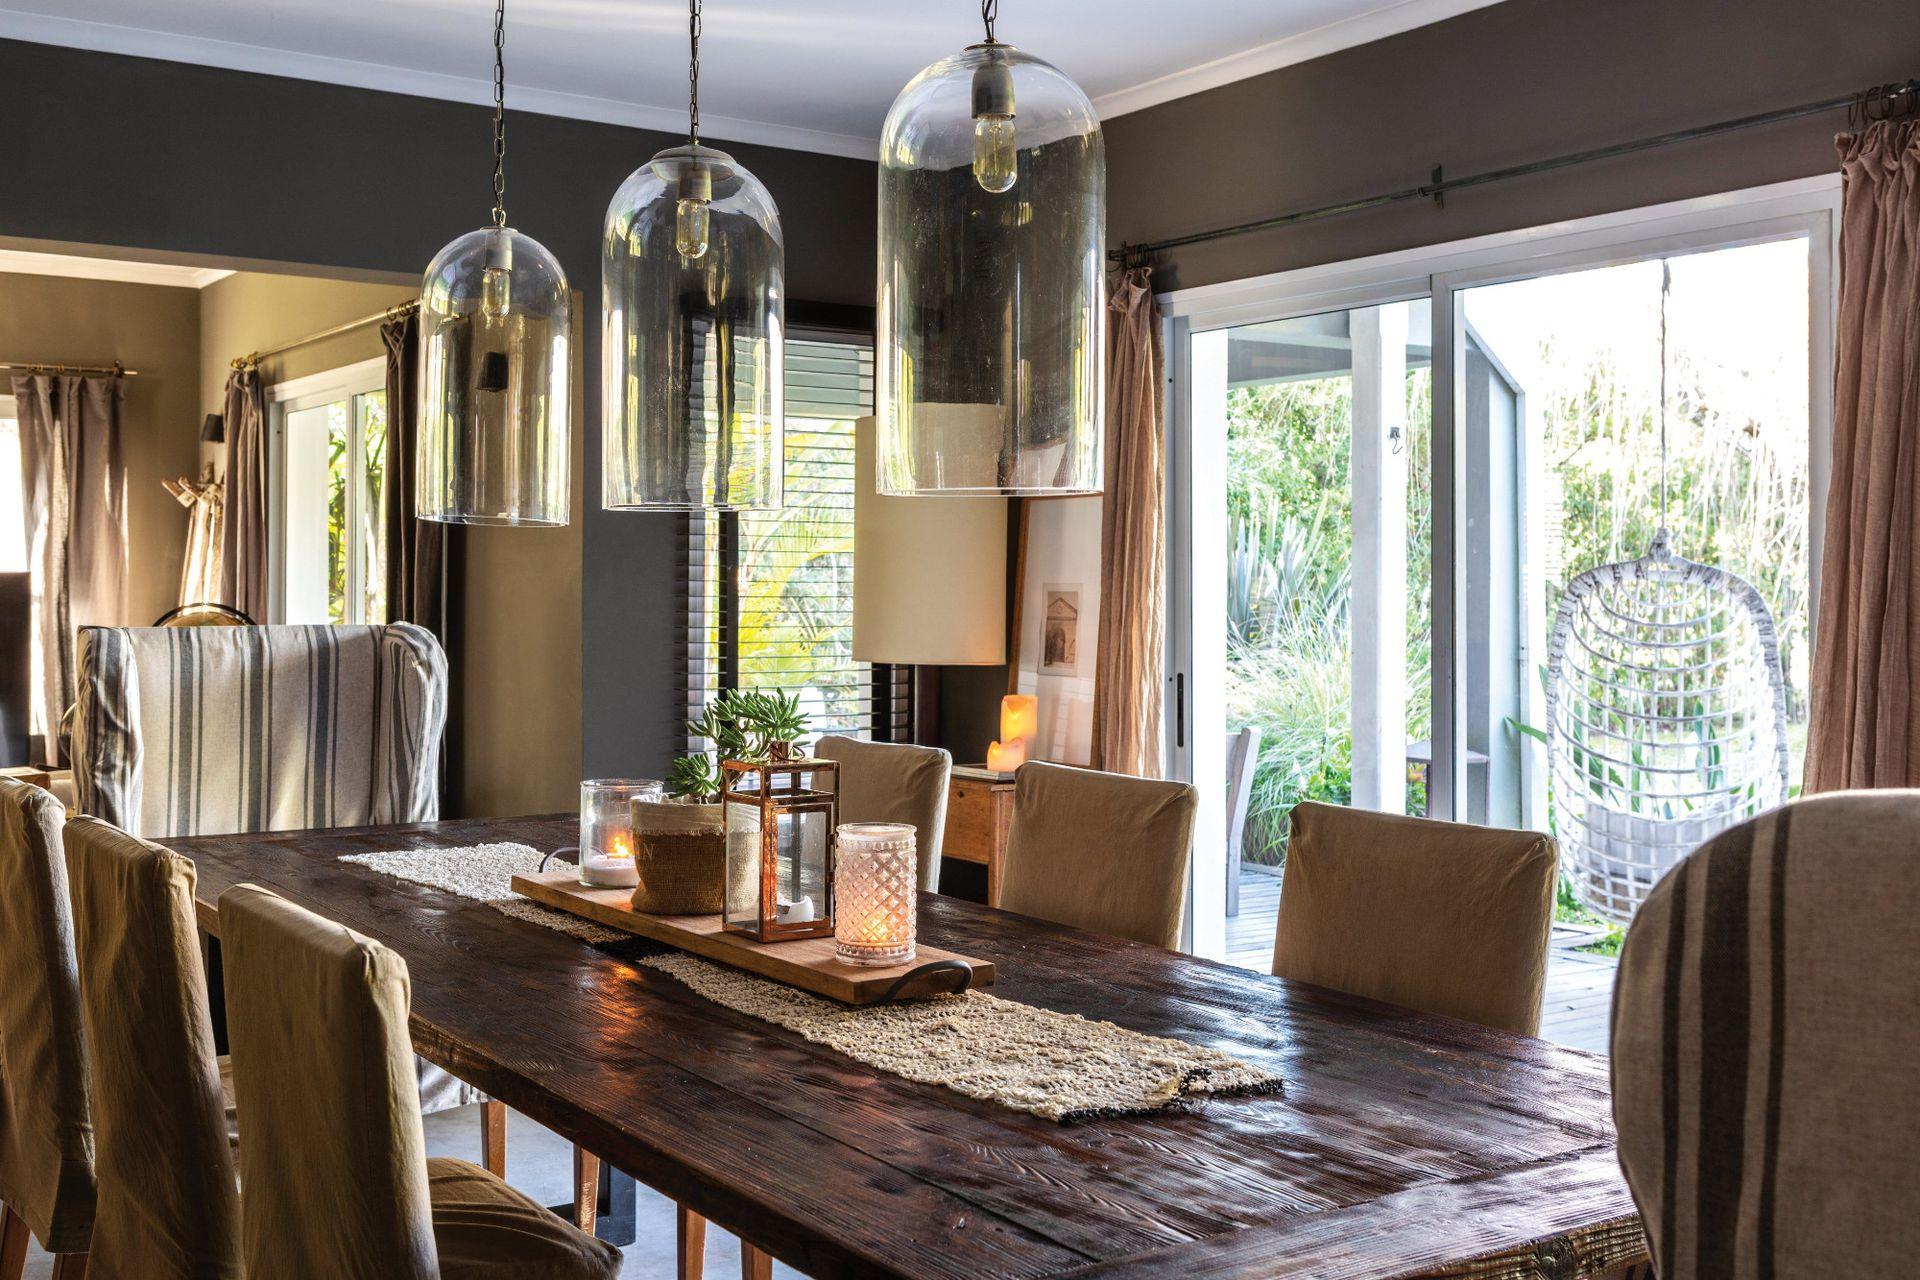 En el comedor, que tiene conexión directa con la galería, las lámparas cuelgan a 60 cm de la mesa. La altura ideal.